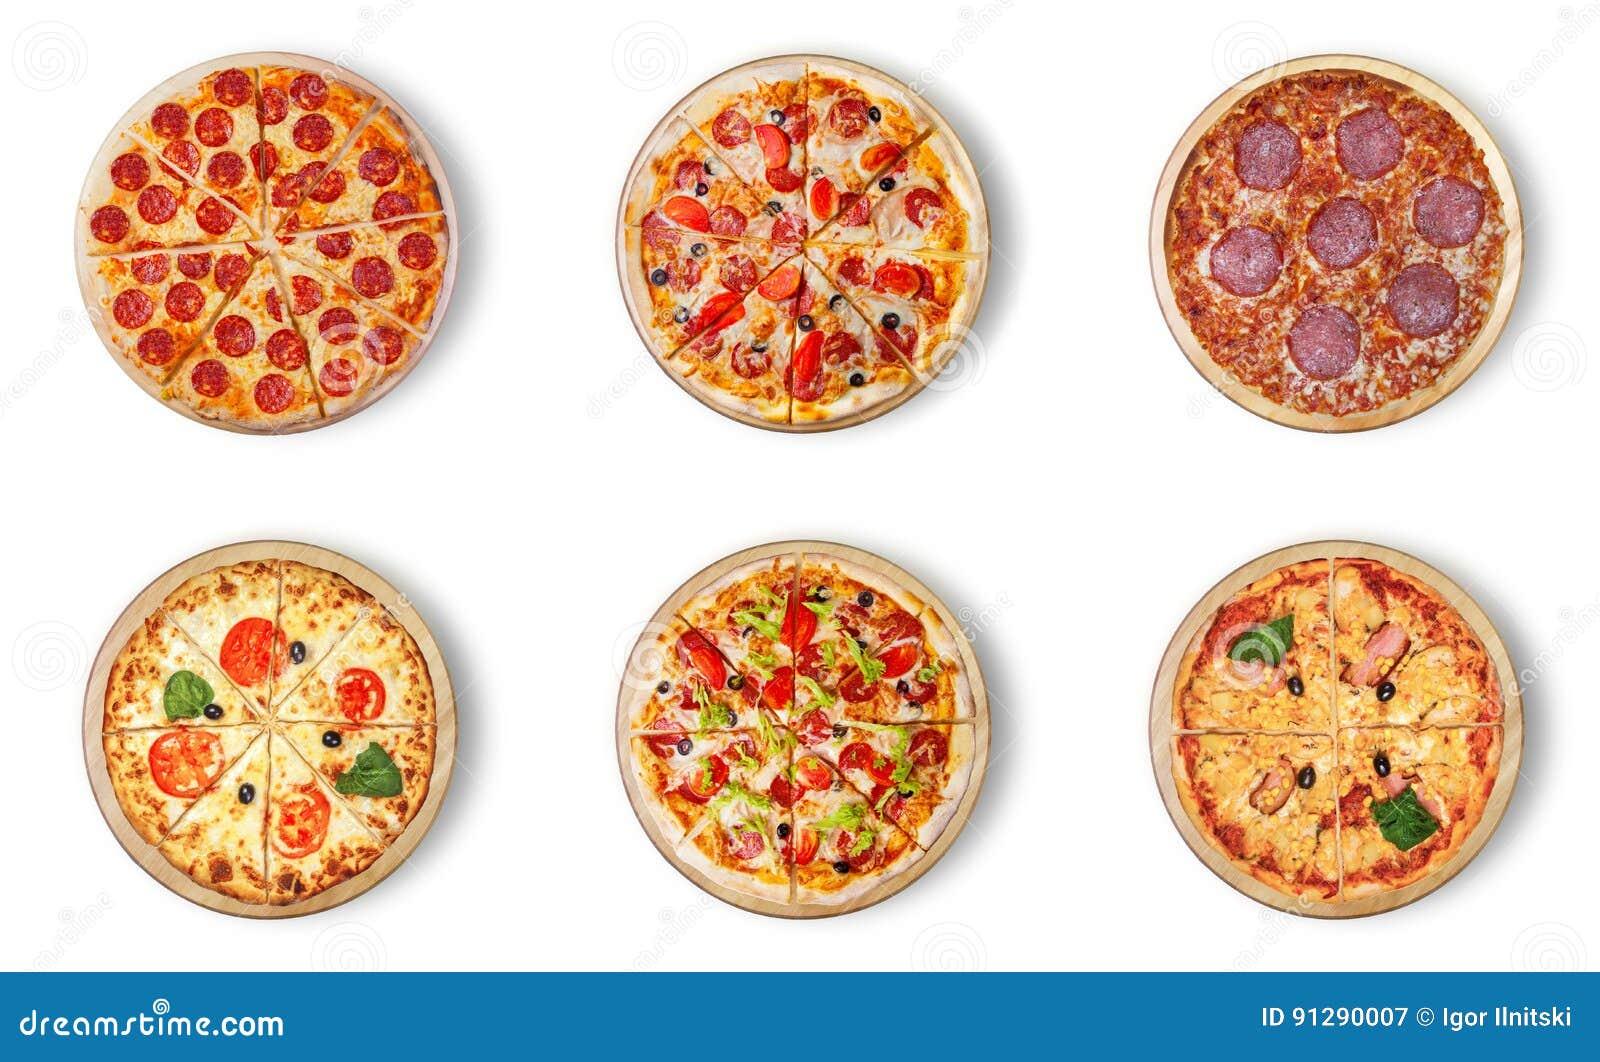 Картинки пиццы для кукол